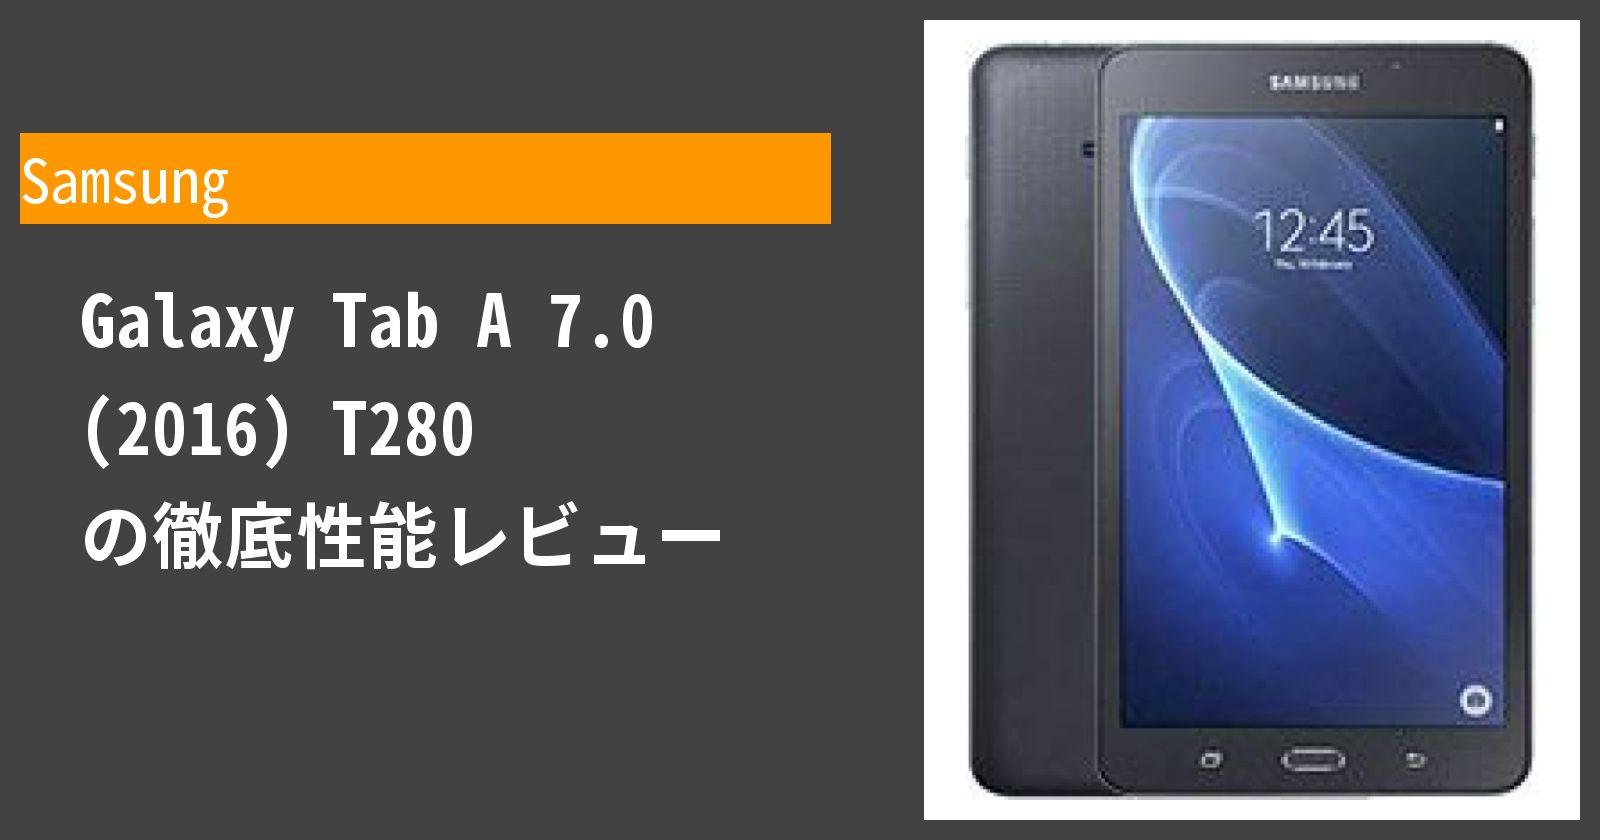 Galaxy Tab A 7.0 (2016) の徹底性能レビュー